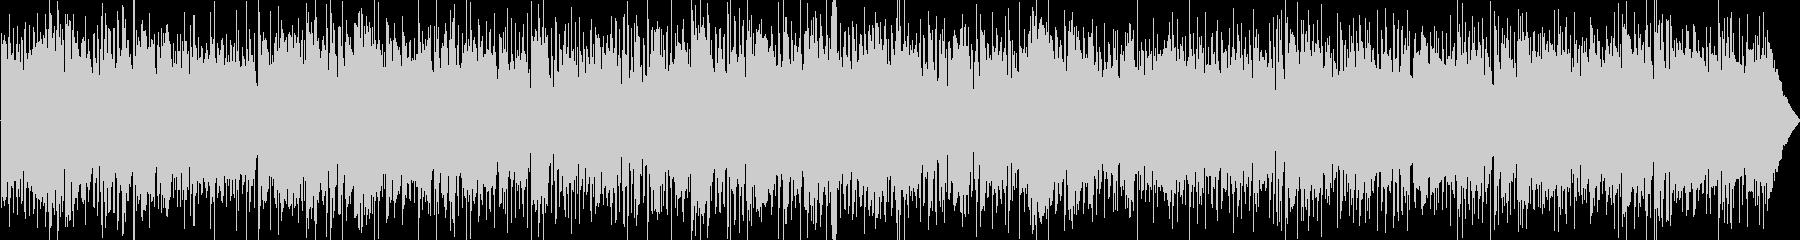 フュージョンジャズ、おしゃれなエレピ中心の未再生の波形